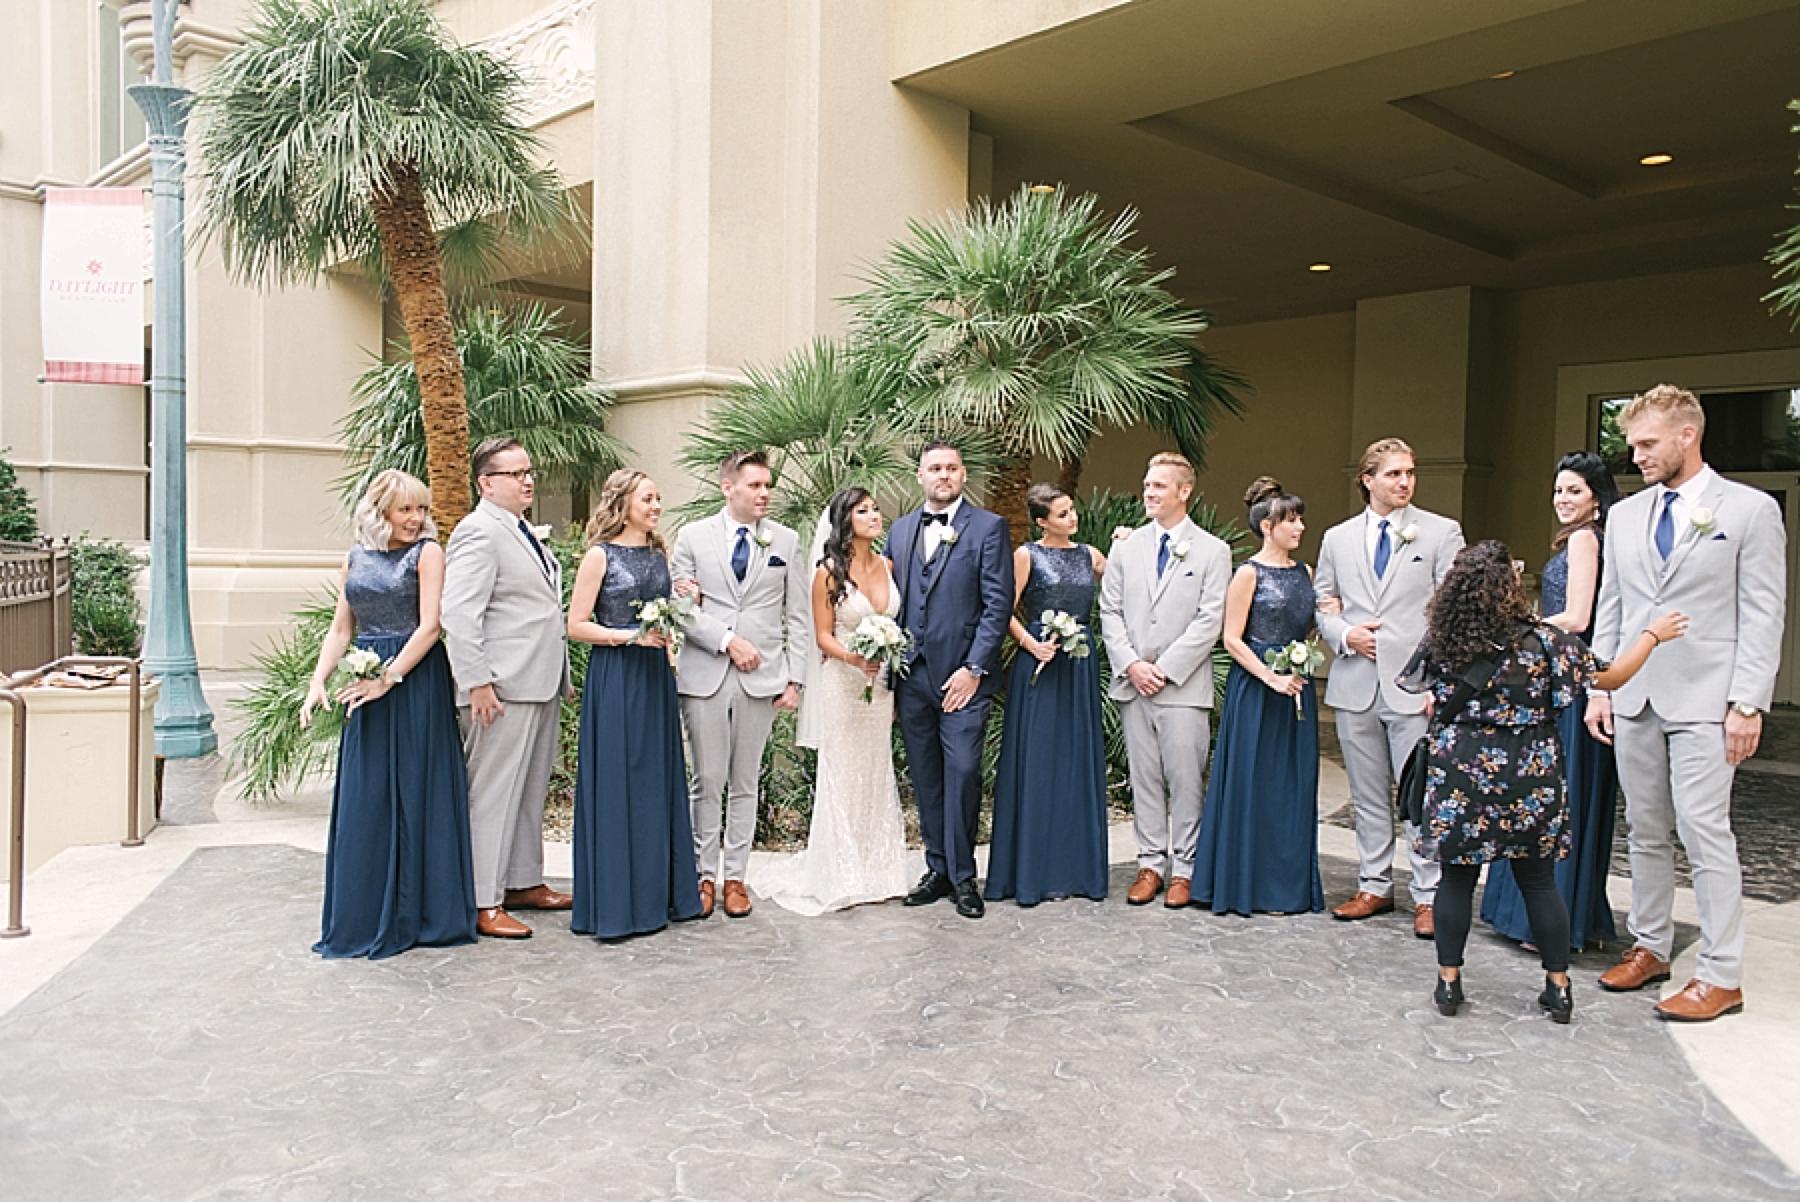 las_vegas_wedding_photographers_behind_the_scenes-02-5.jpg